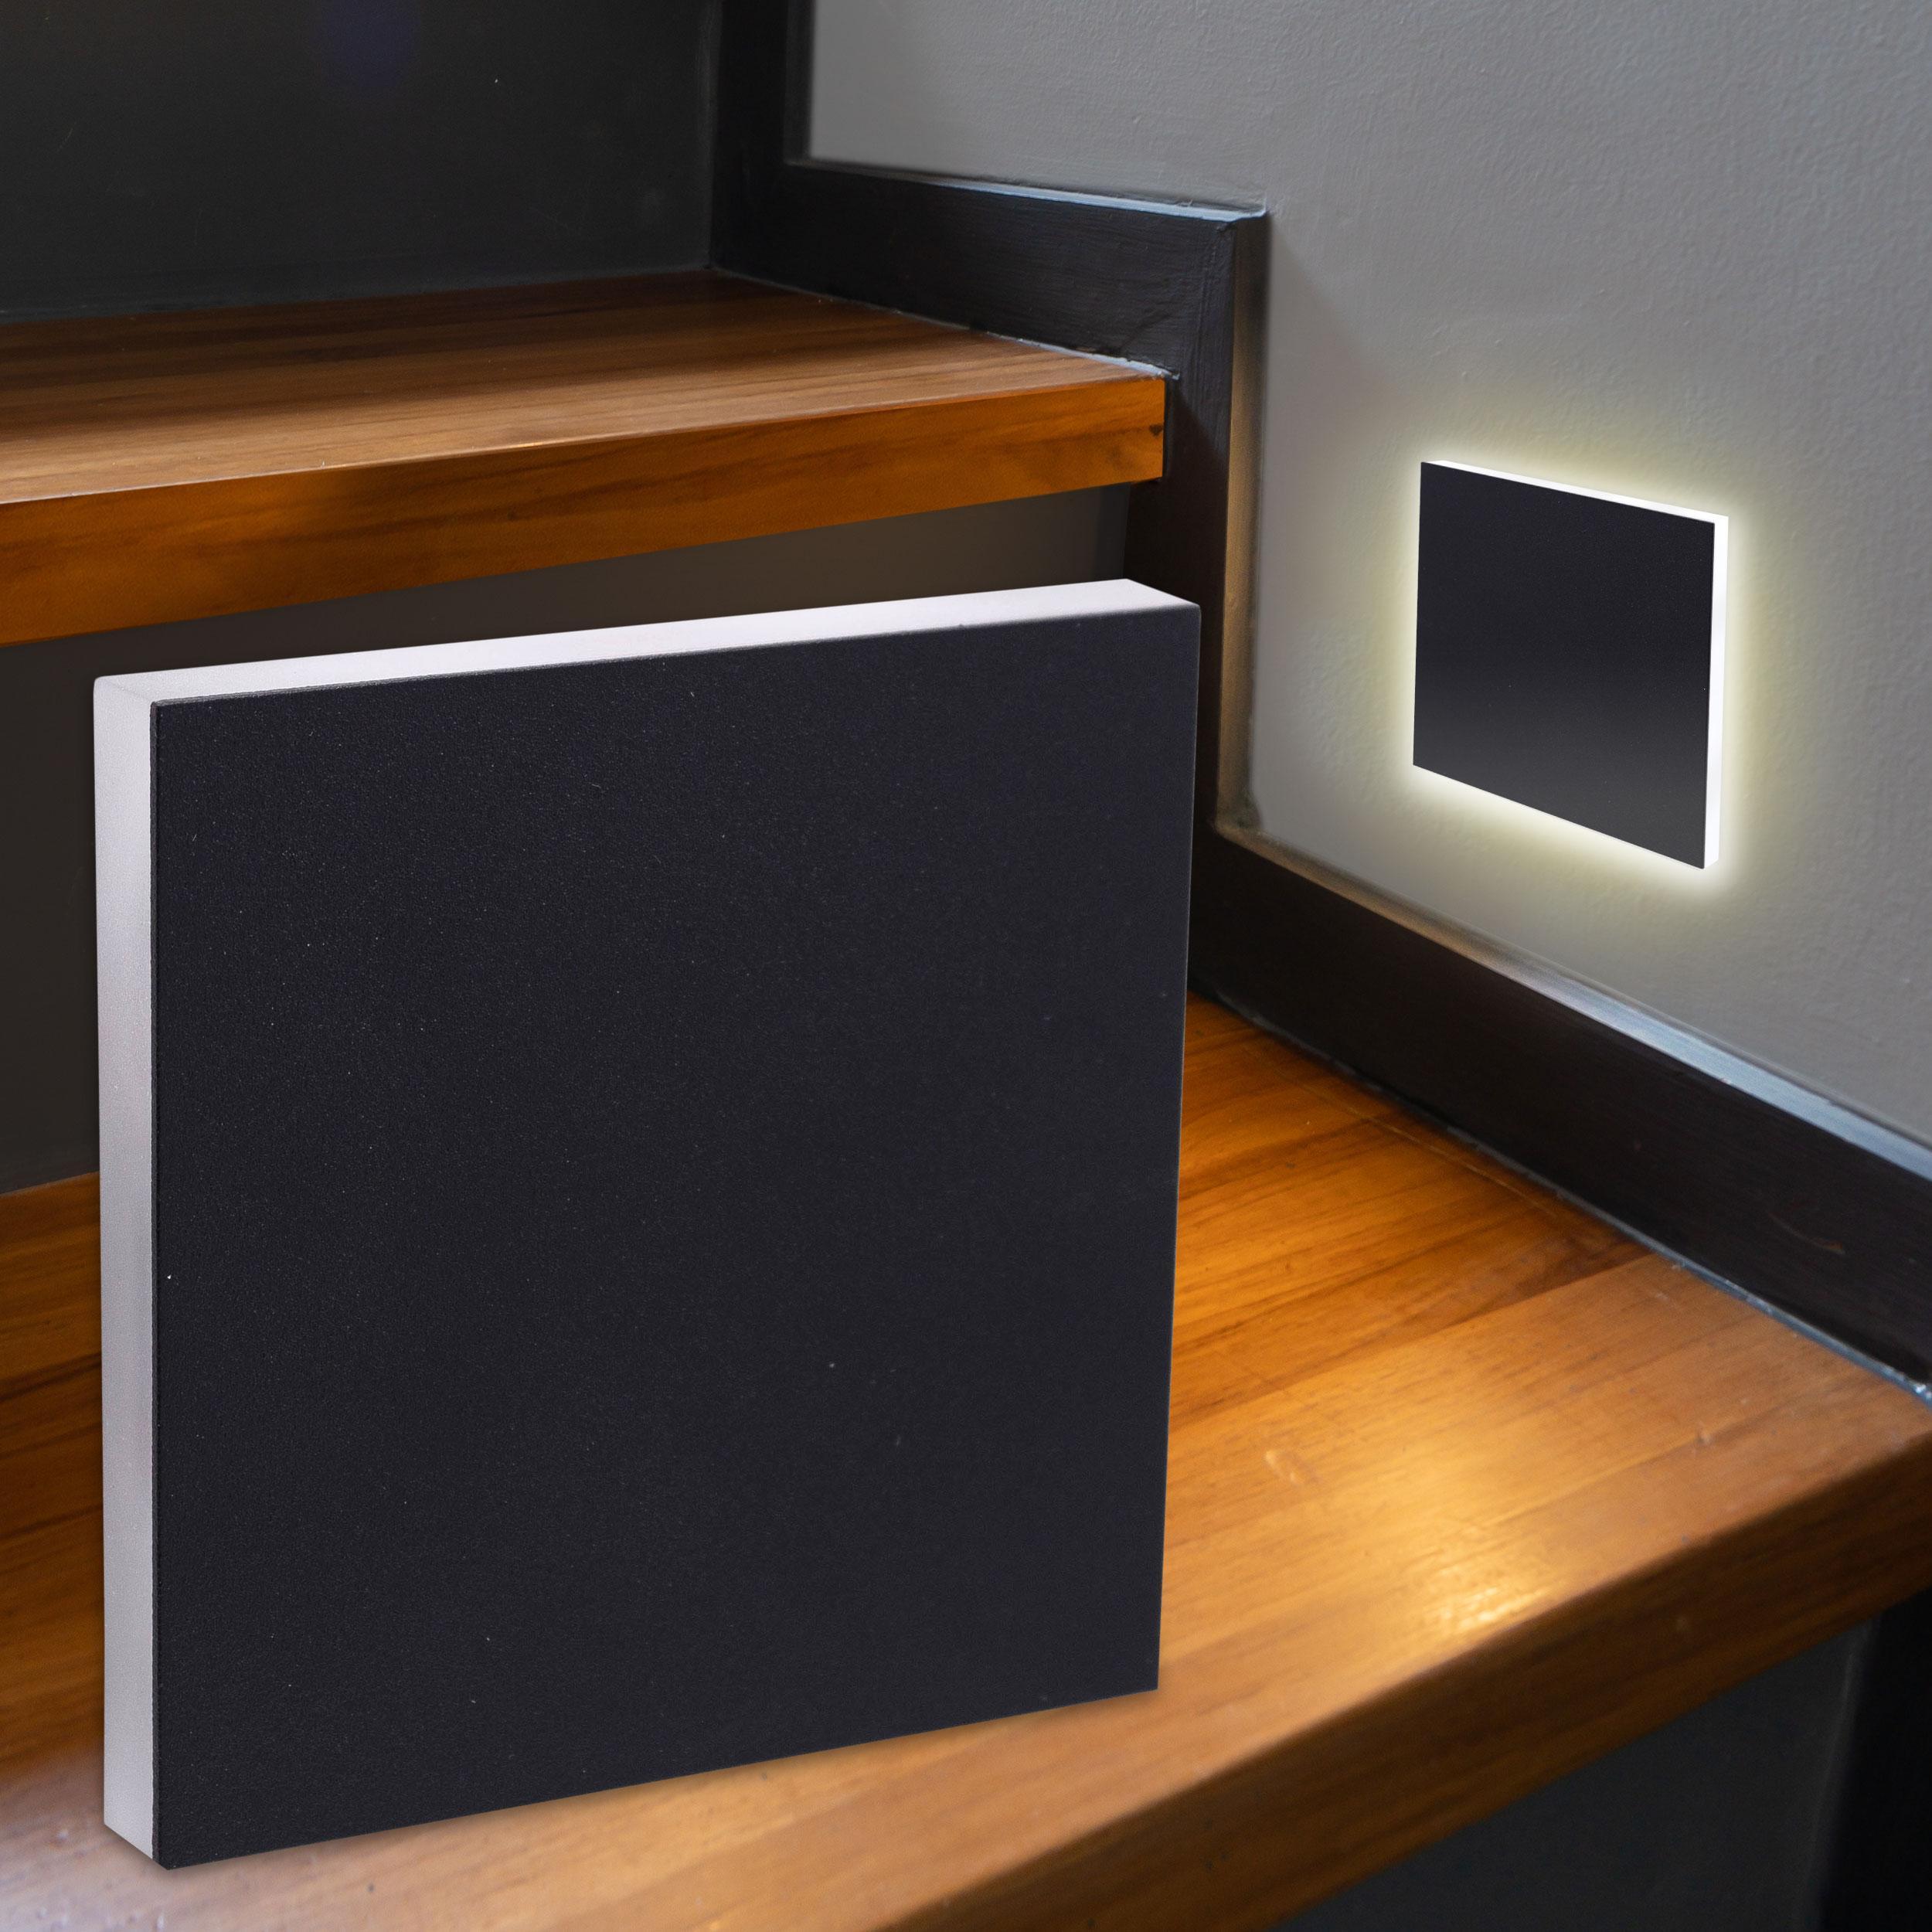 LED Treppenbeleuchtung Wandeinbauleuchte Warmweiß 230V 1.5W schwarz Lichtaustritt seitlich